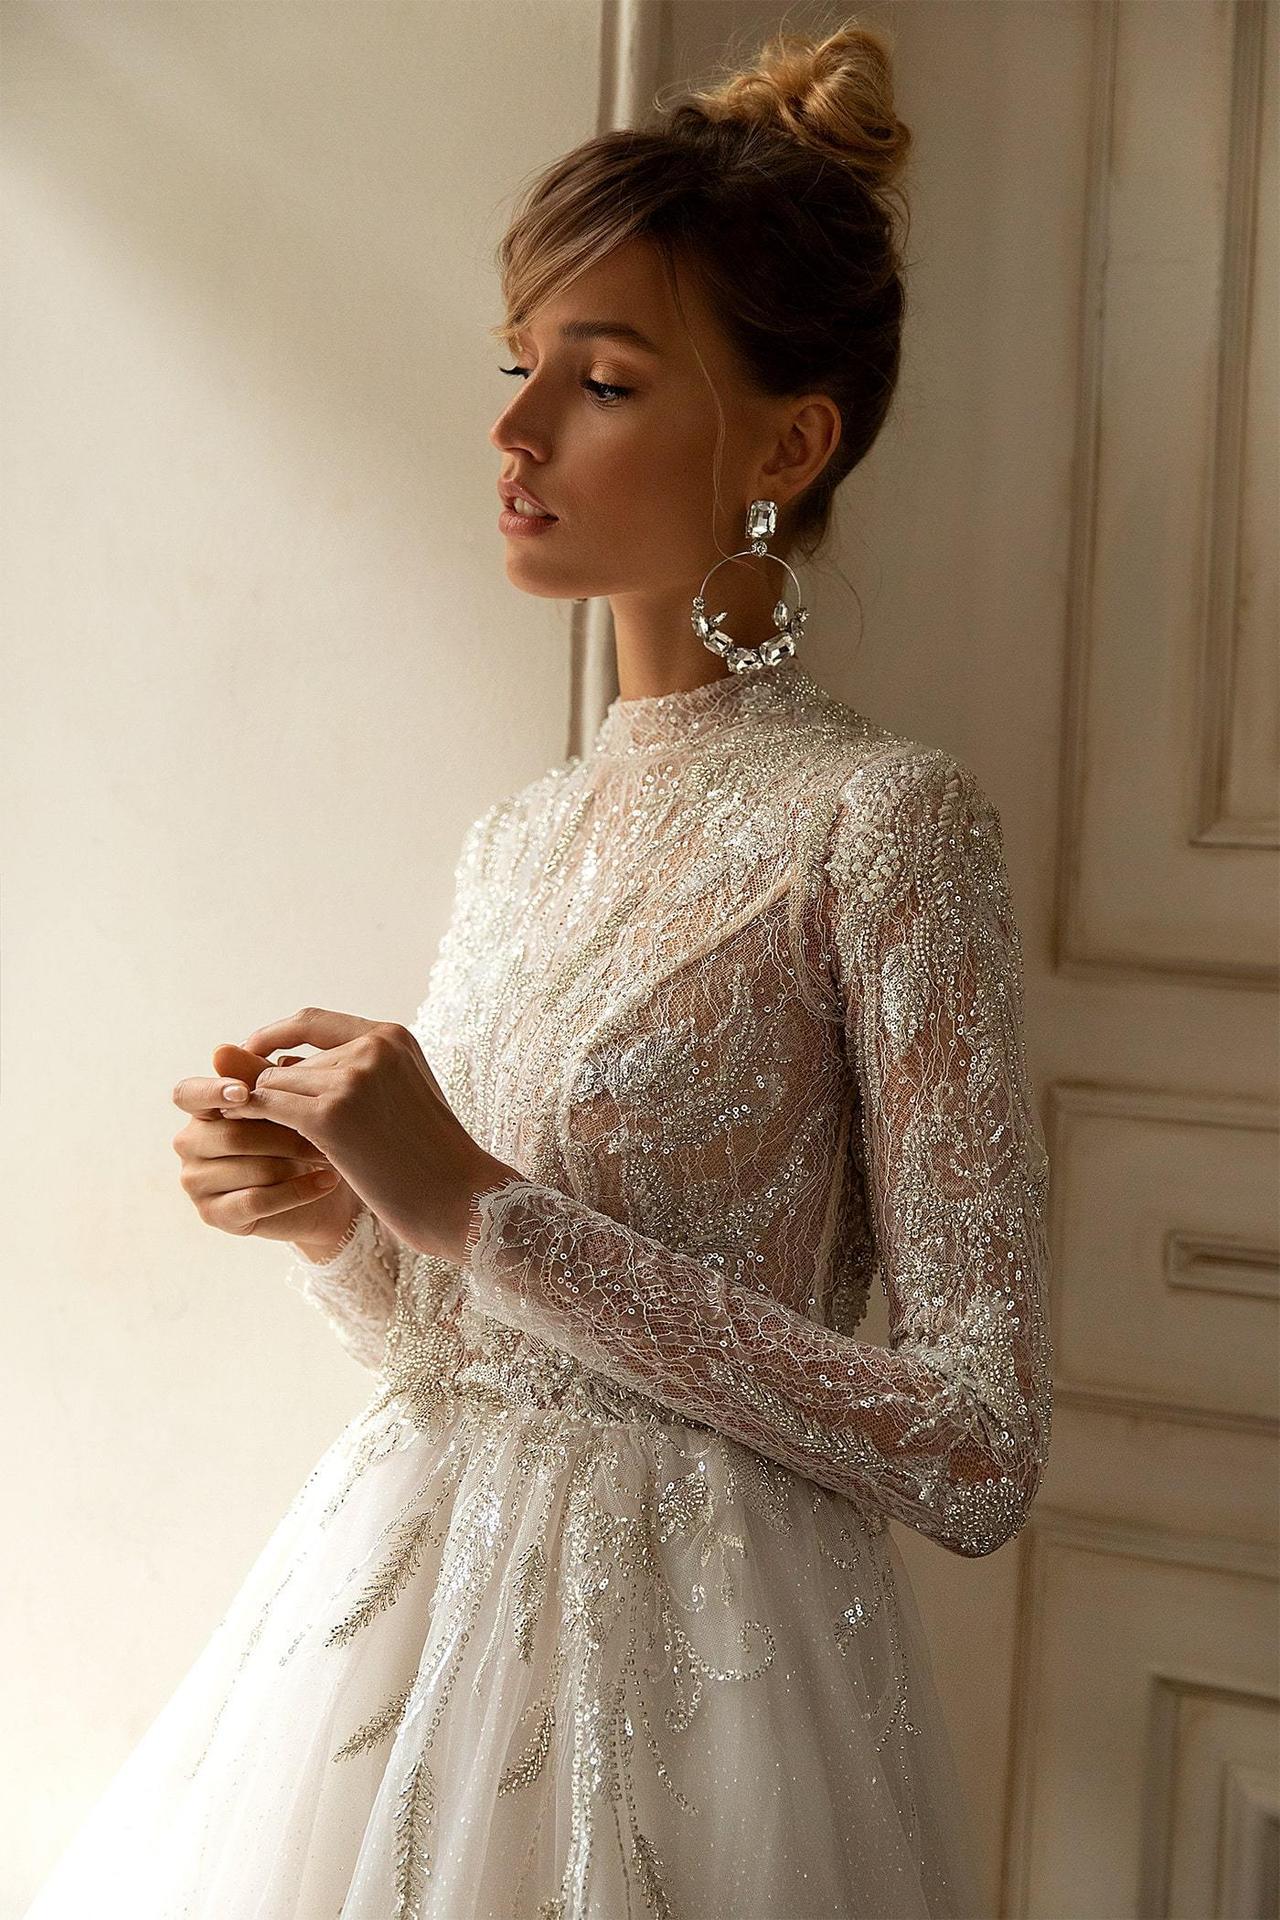 Ria Tener - Muse 2021 * Svadobné šaty z kolekcií na rok 2021 - Obrázok č. 2